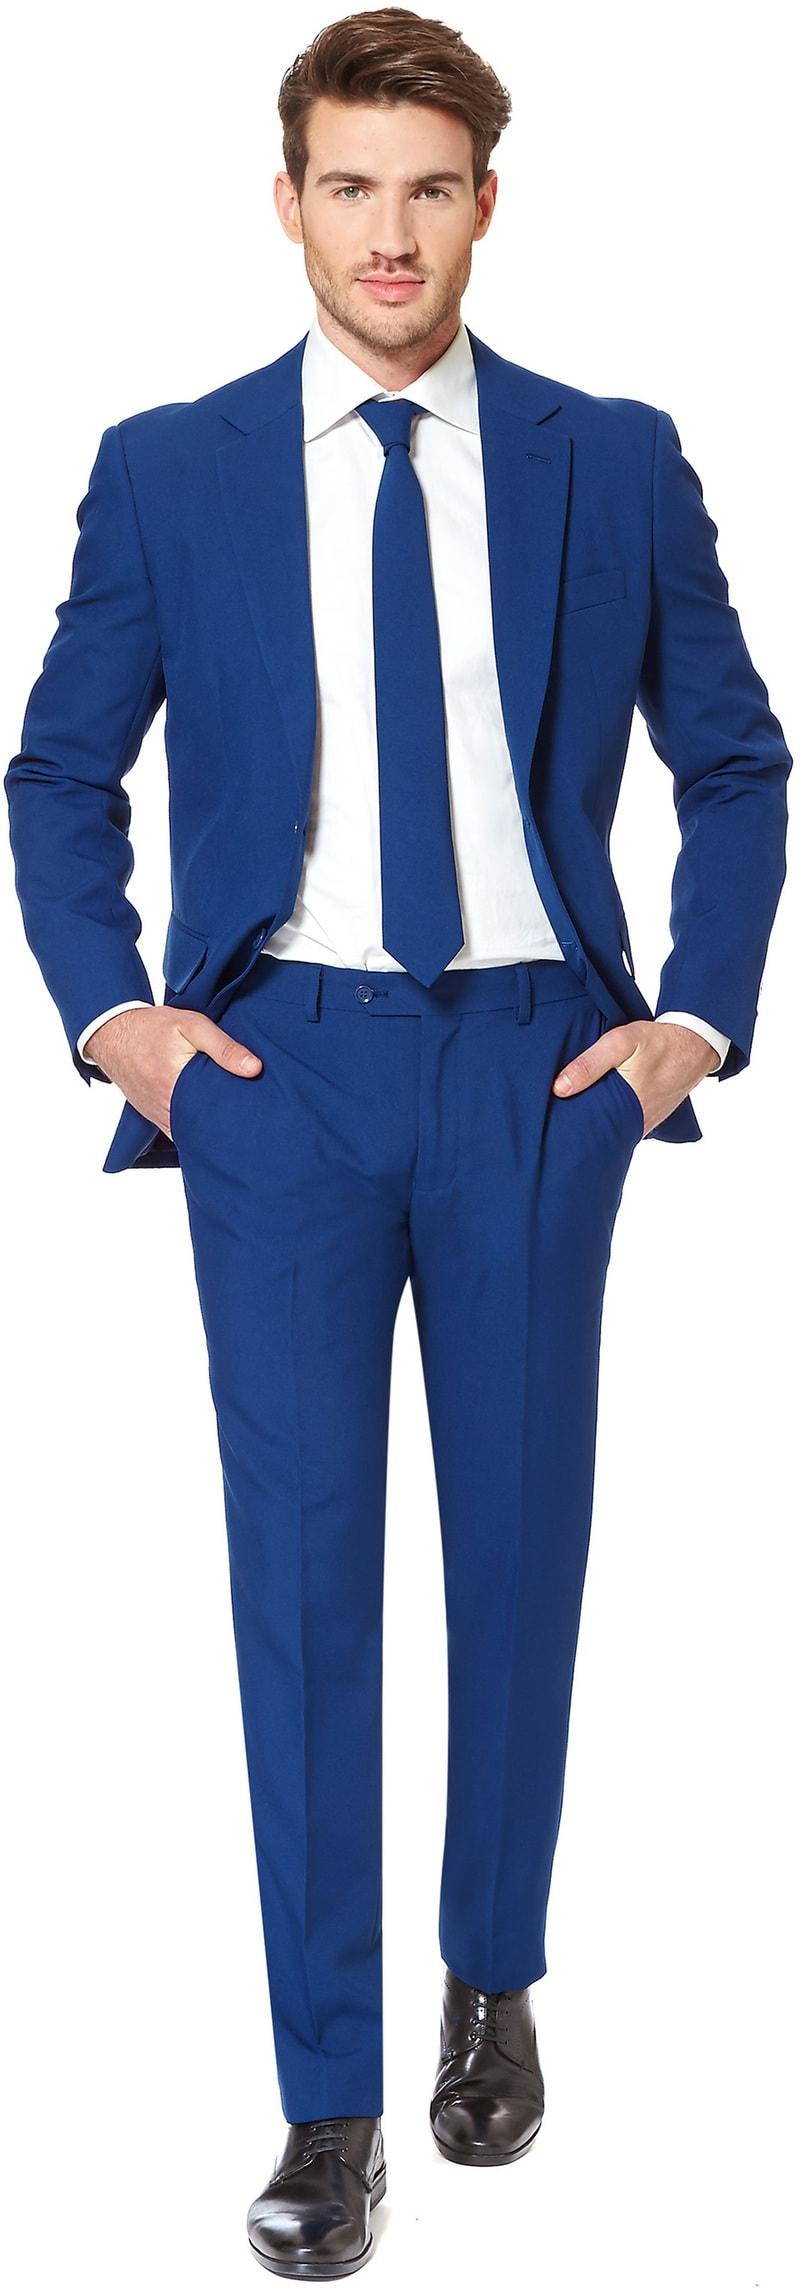 OppoSuits Navy Royale Kostuum  online bestellen | Suitable